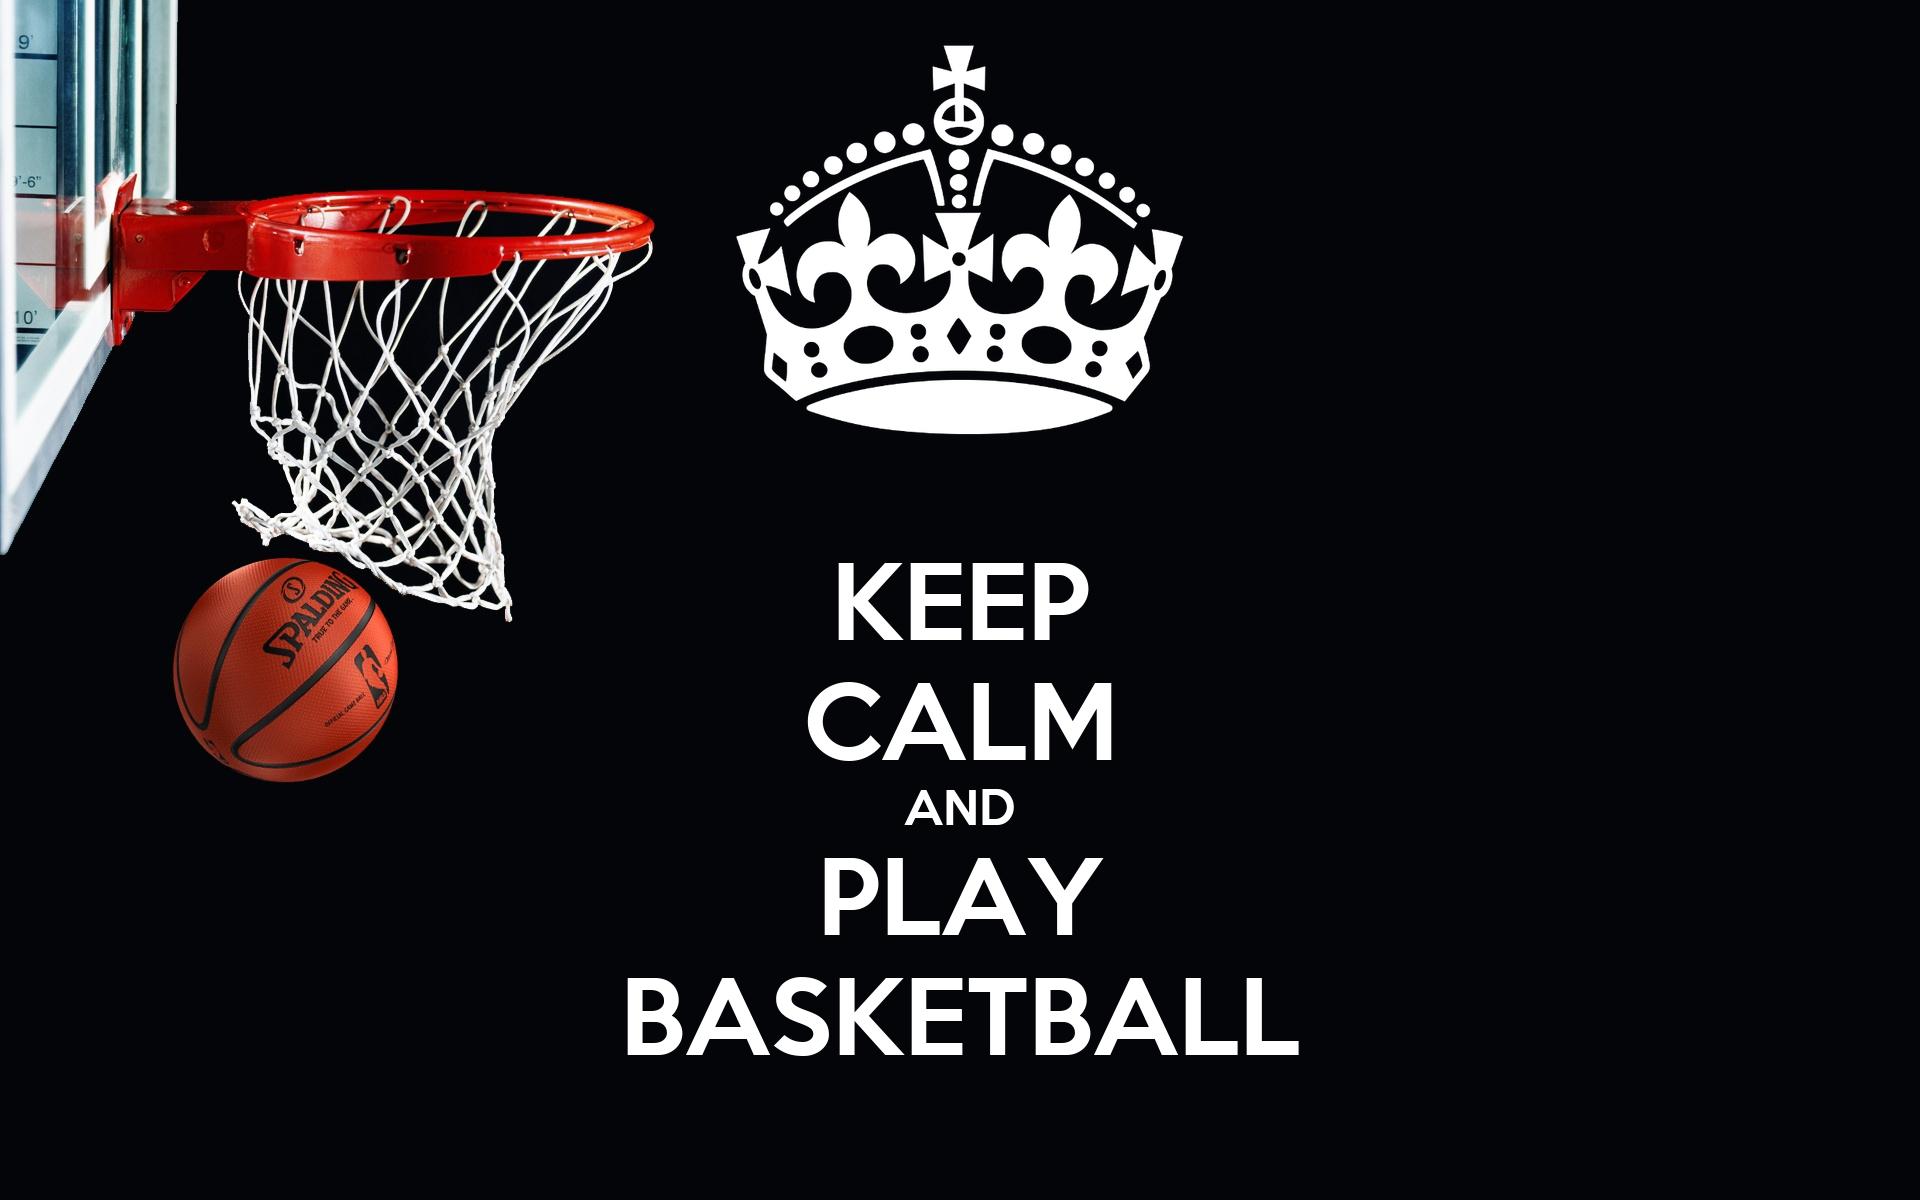 KEEP CALM AND PLAY BASKETBALL Poster | Nick Bui | Keep Calm-o-Matic